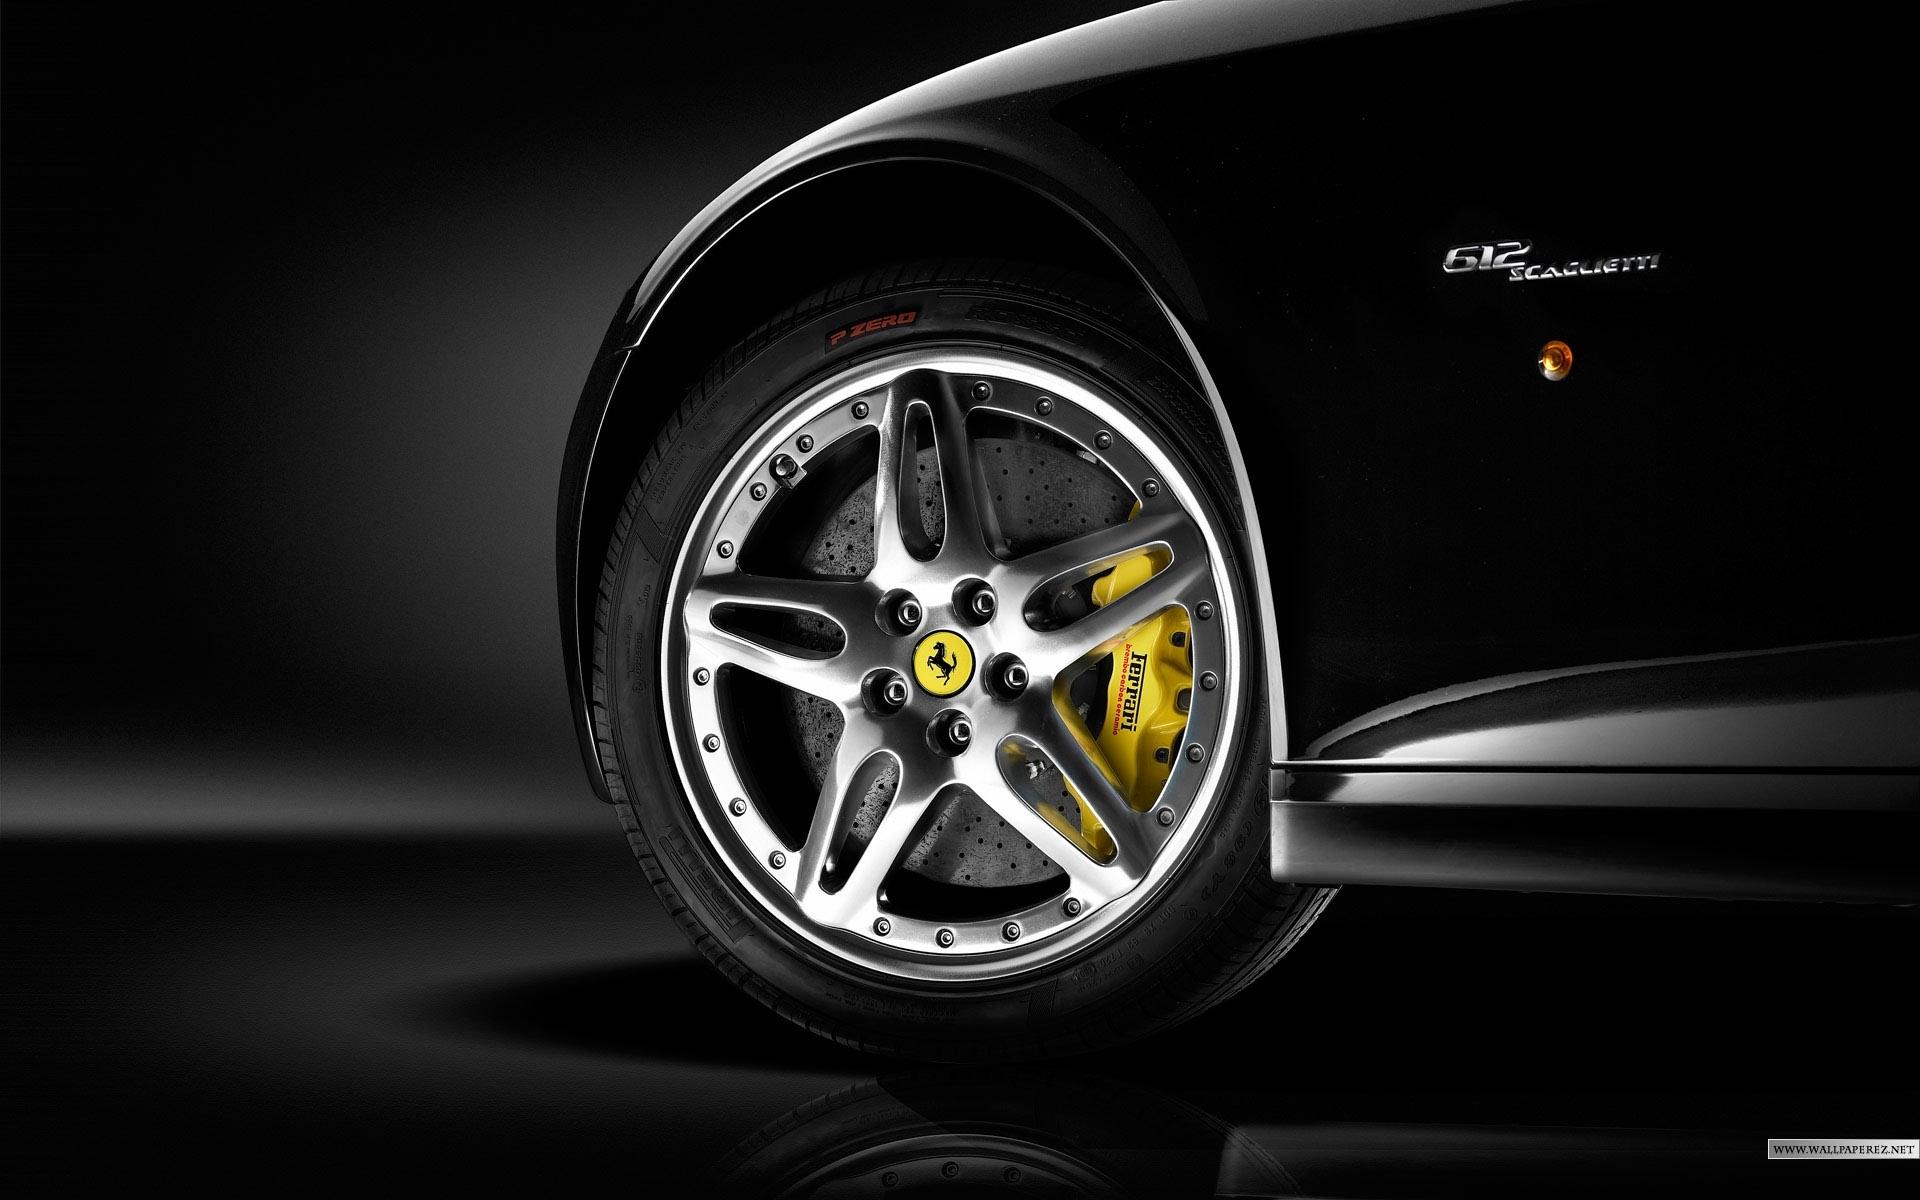 49113 скачать обои Транспорт, Машины, Феррари (Ferrari) - заставки и картинки бесплатно